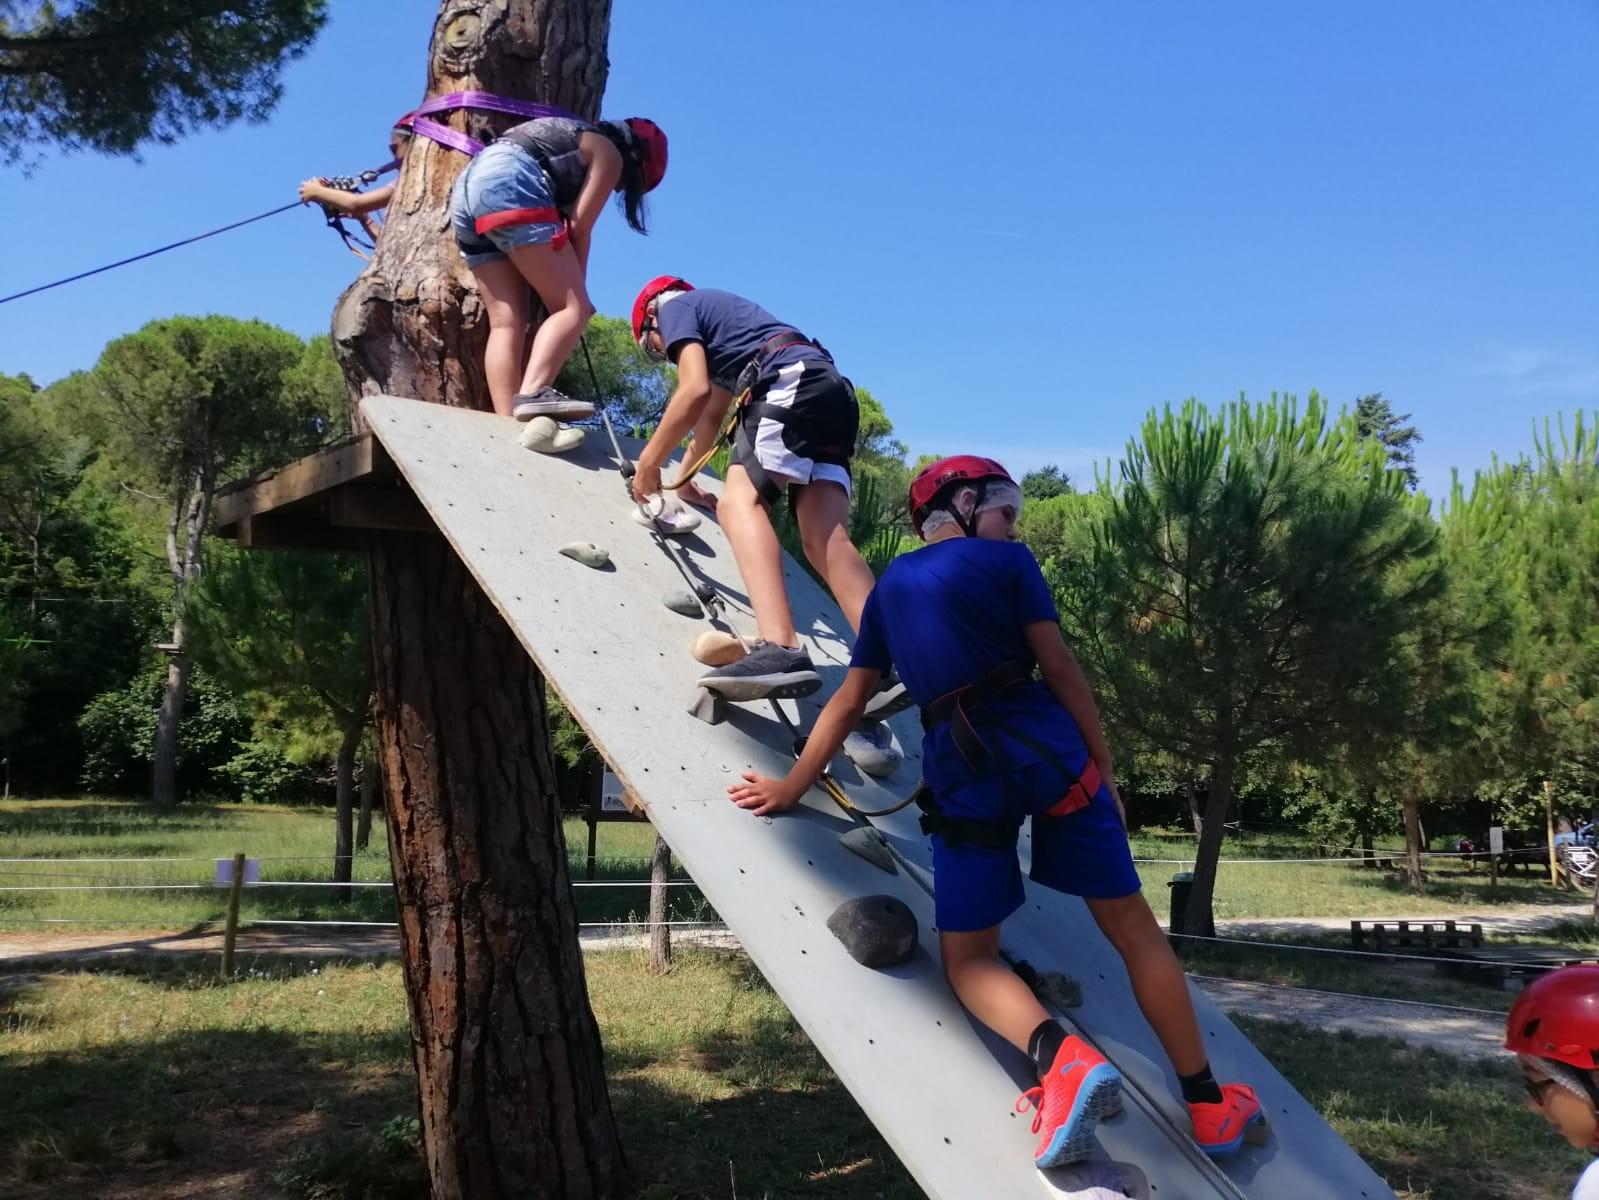 Europe Garden 4**** // Un mare di sport Junior Archivi --ITALIA-FOTO-EUROPEGARDEN-UNMAREDISPORT-SECONDOTURNO-GIORNO35